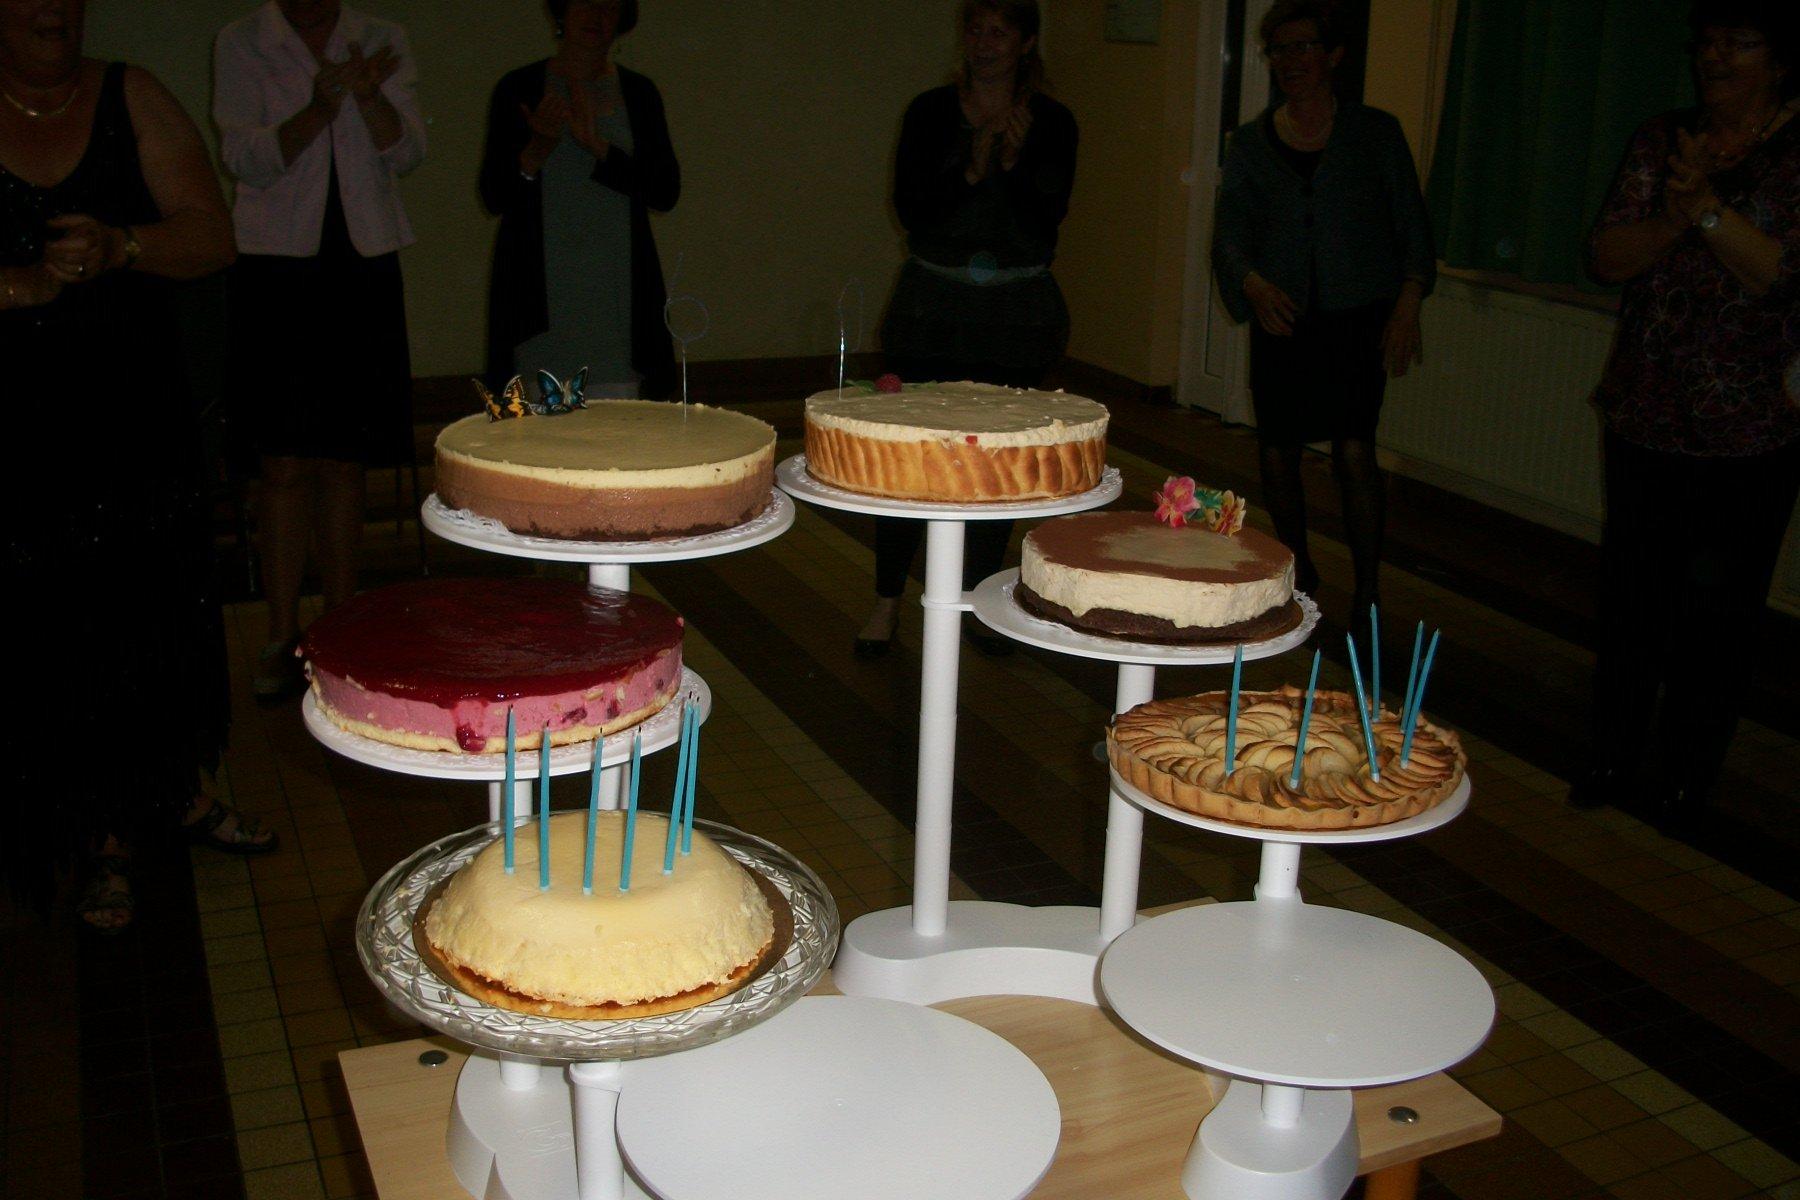 La cuisine de christine farandole de dessert for La cuisine de christine